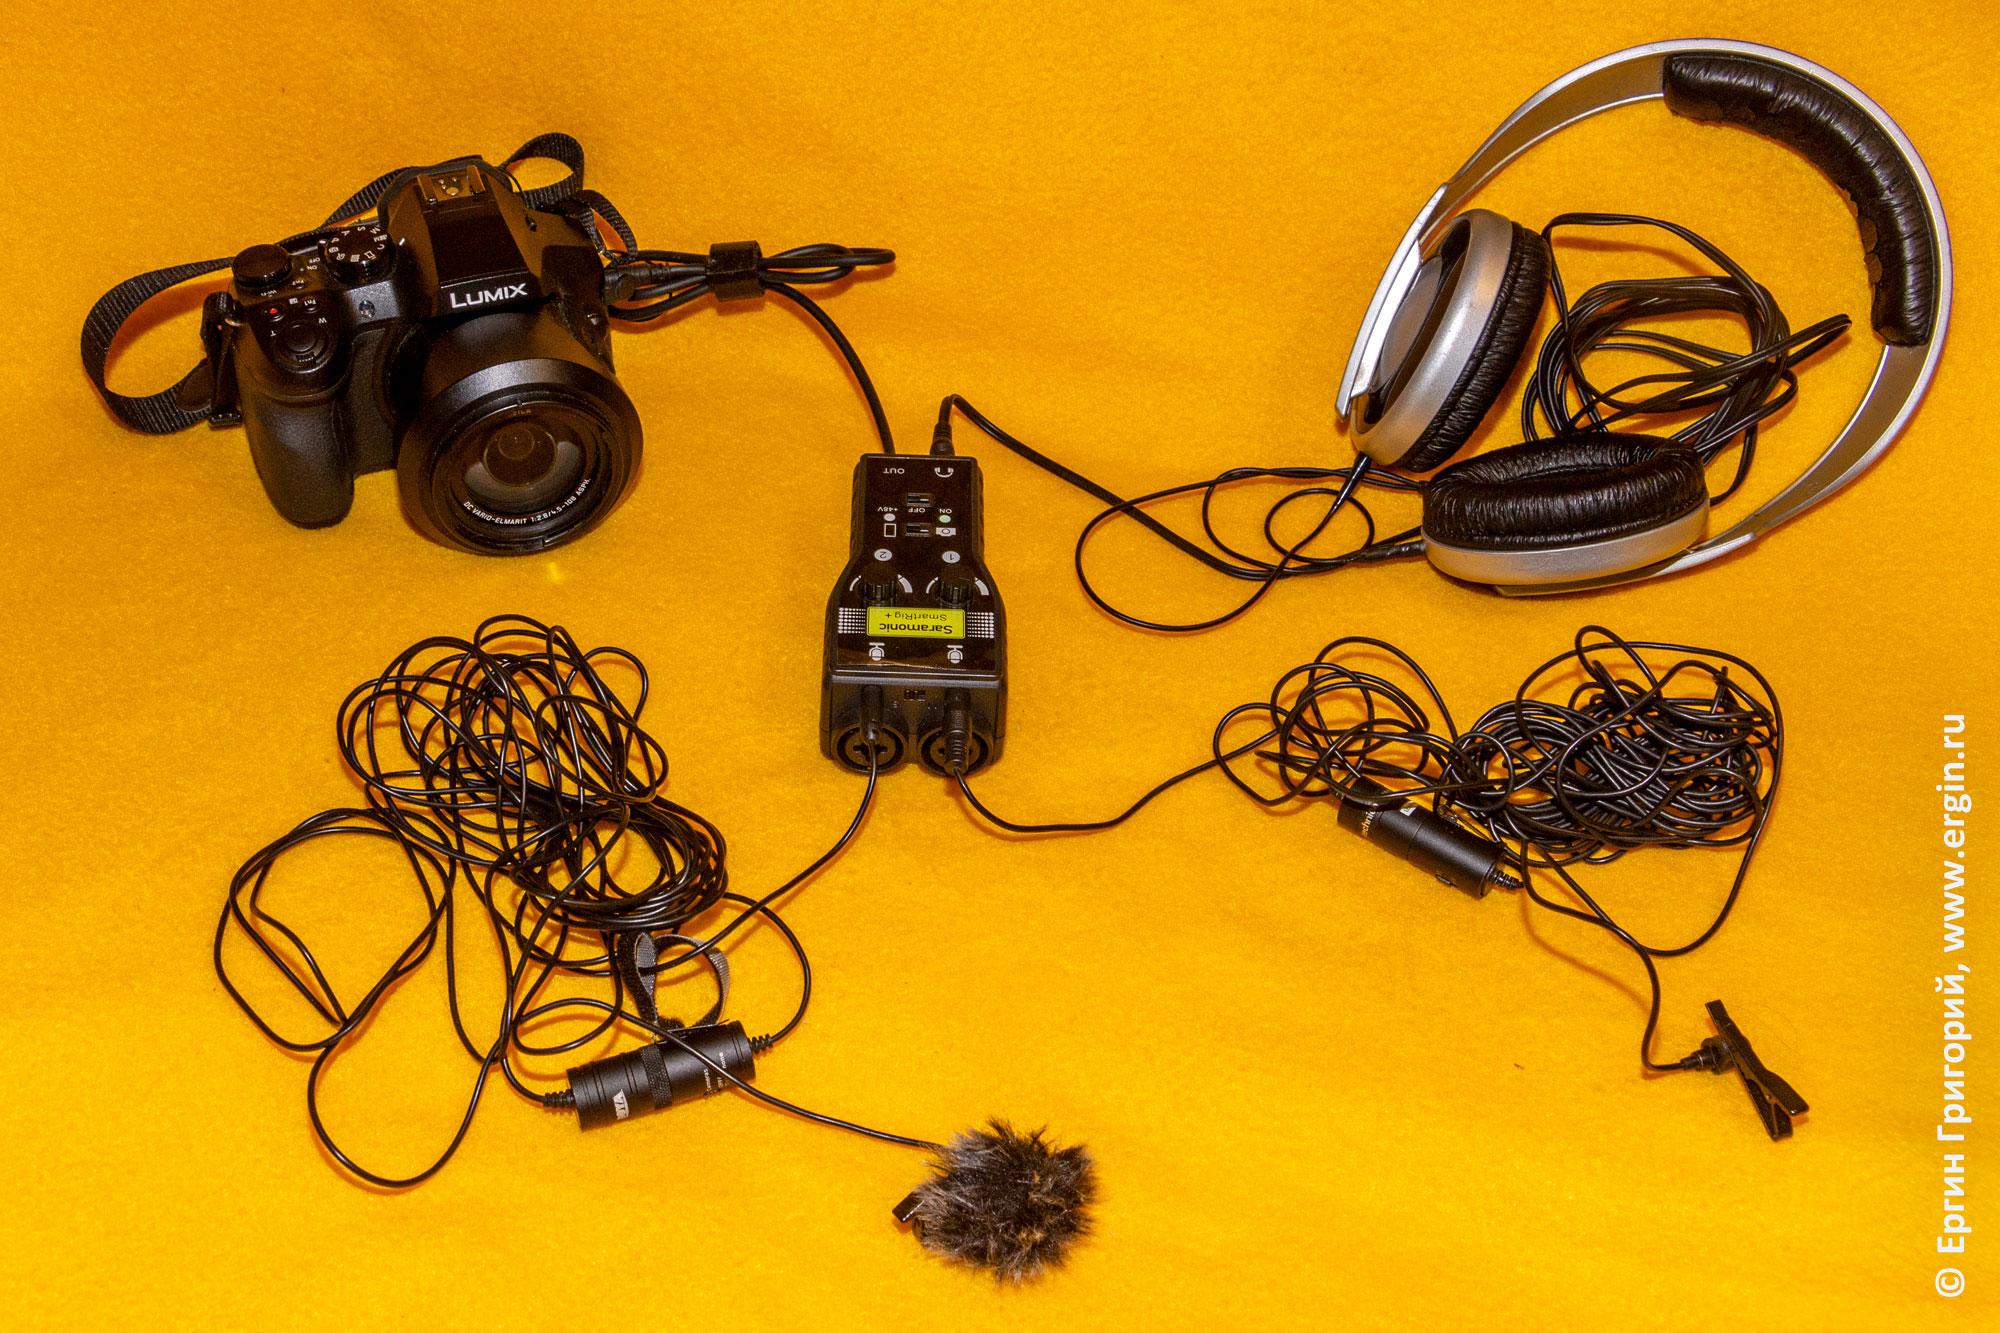 Подключение двух петличных микрофонов к микрофонному входу фотоаппарата для записи в стерео-режиме